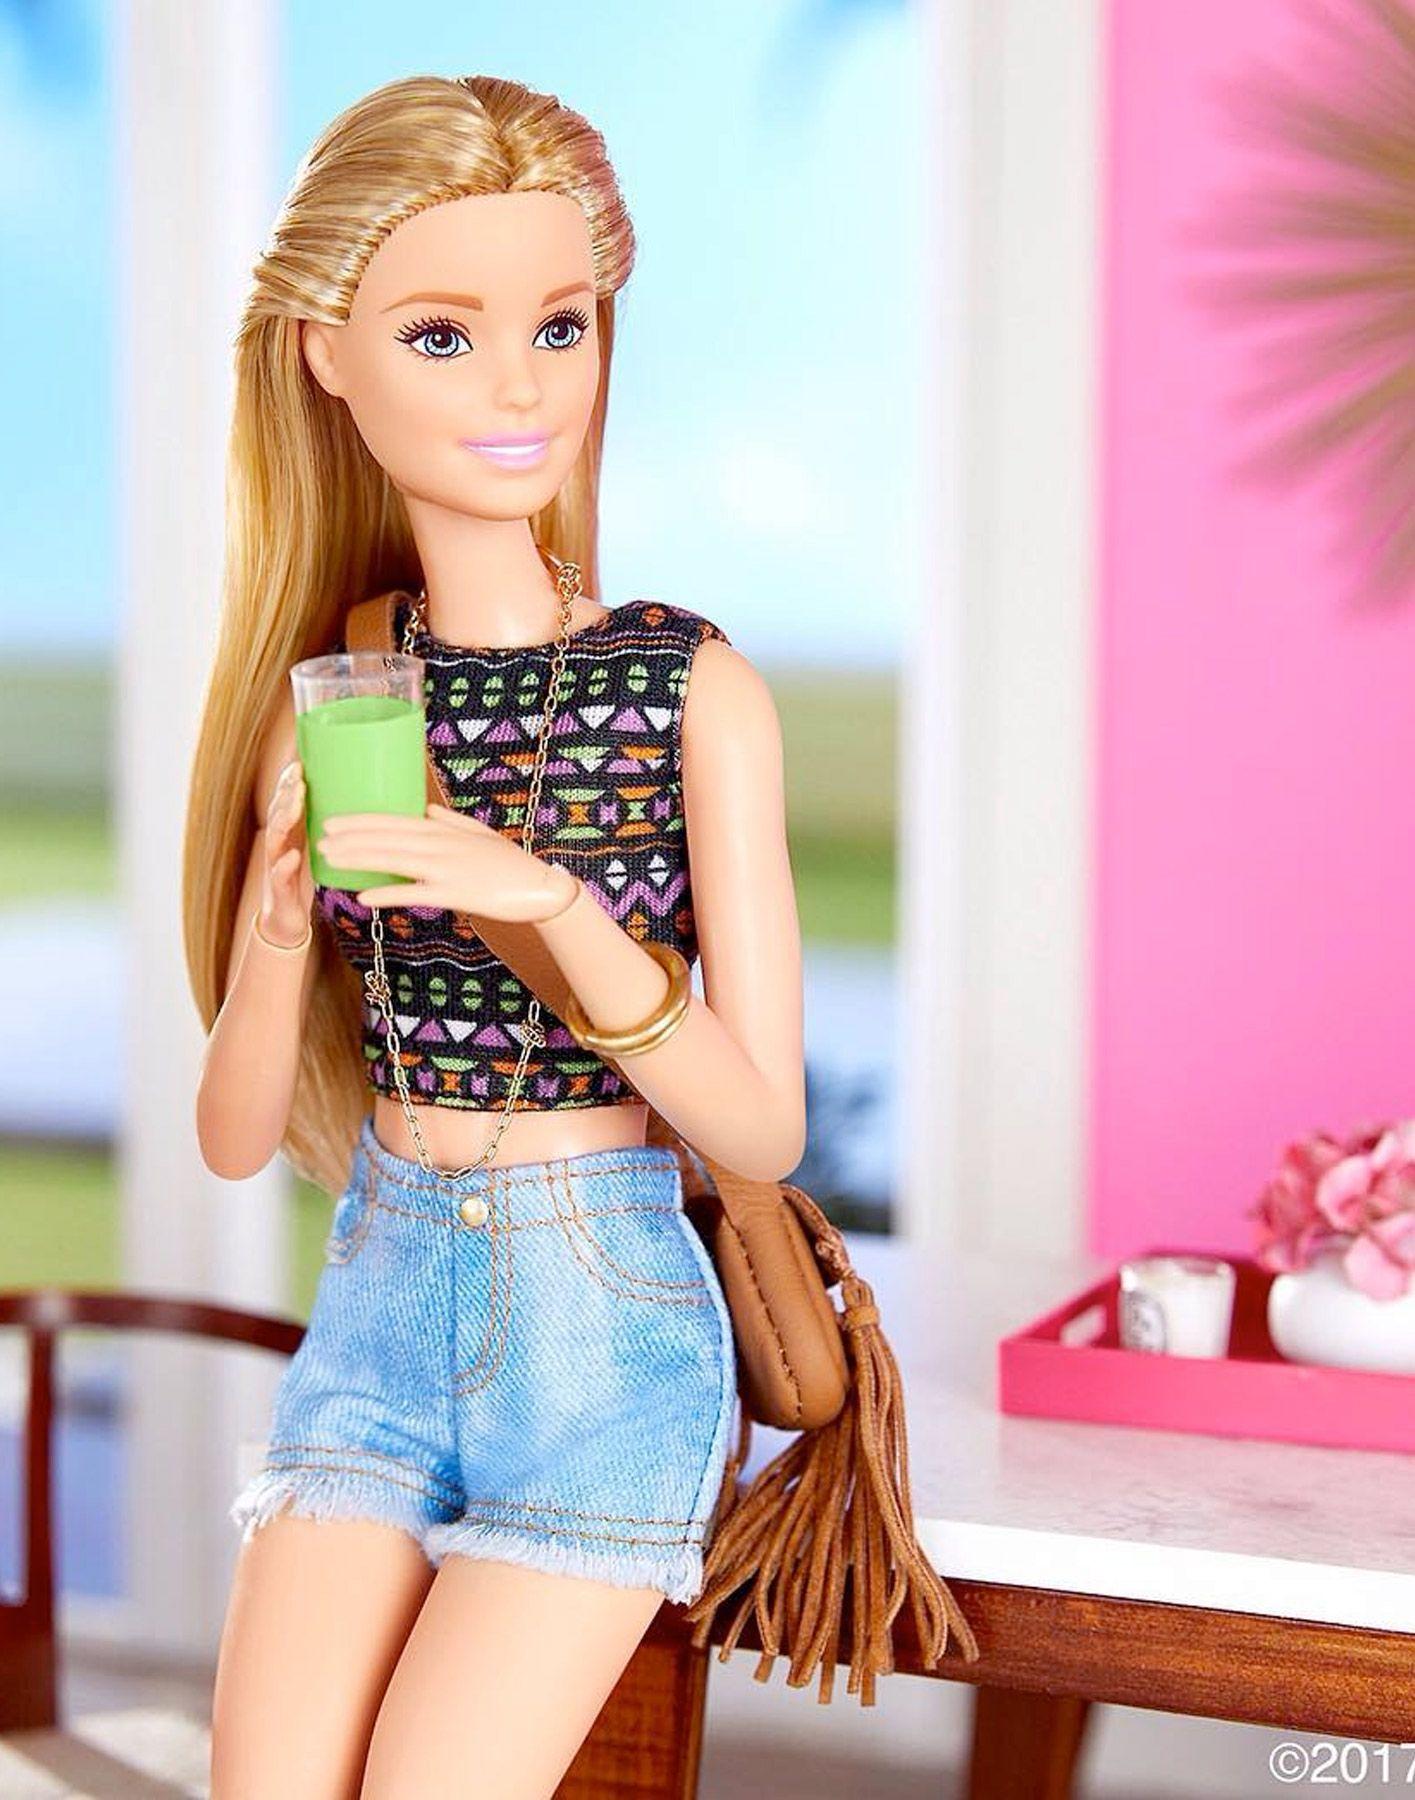 ¡Este es el apellido de Barbie! #barbie